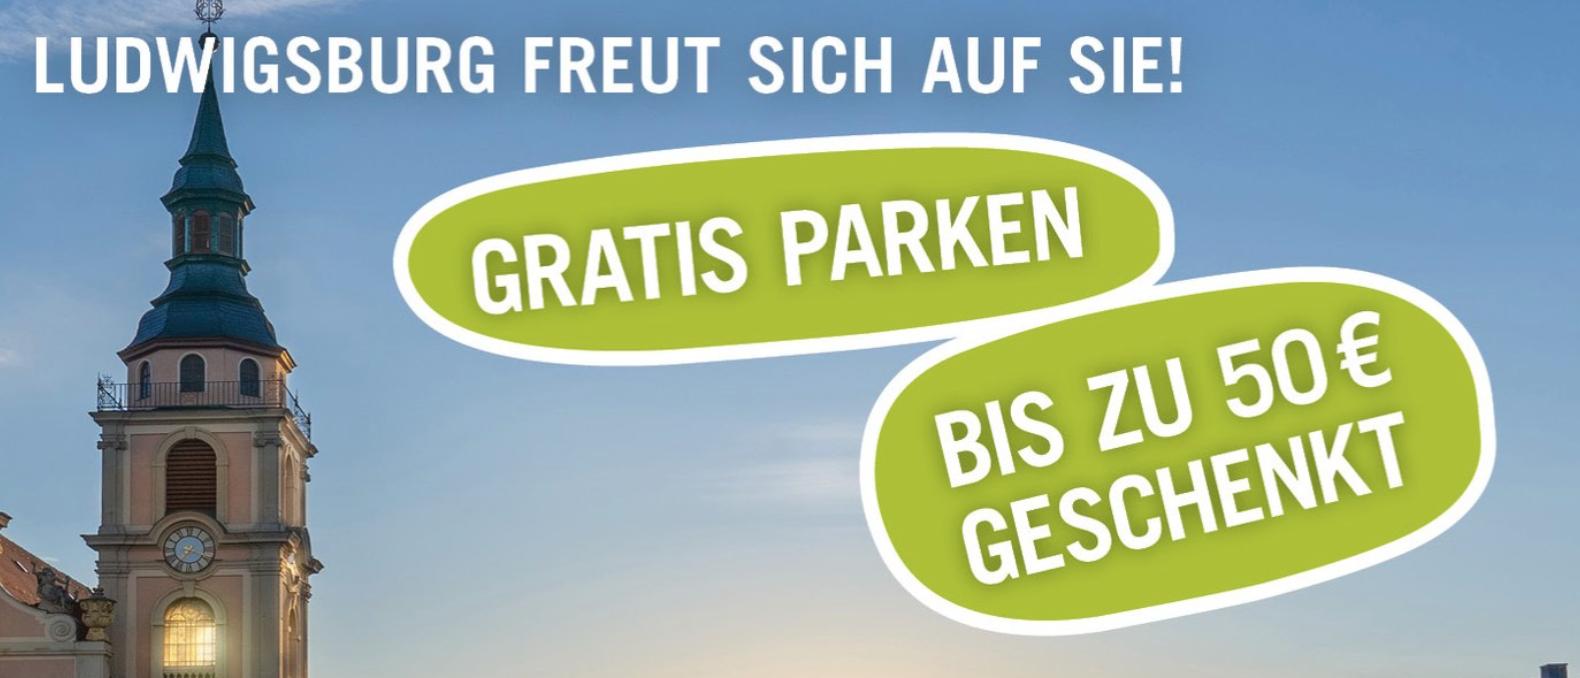 Lokal Ludwigsburg Einkaufsgutschein für den Einzelhandel 5€ geschenkt je 20€ Gutschein